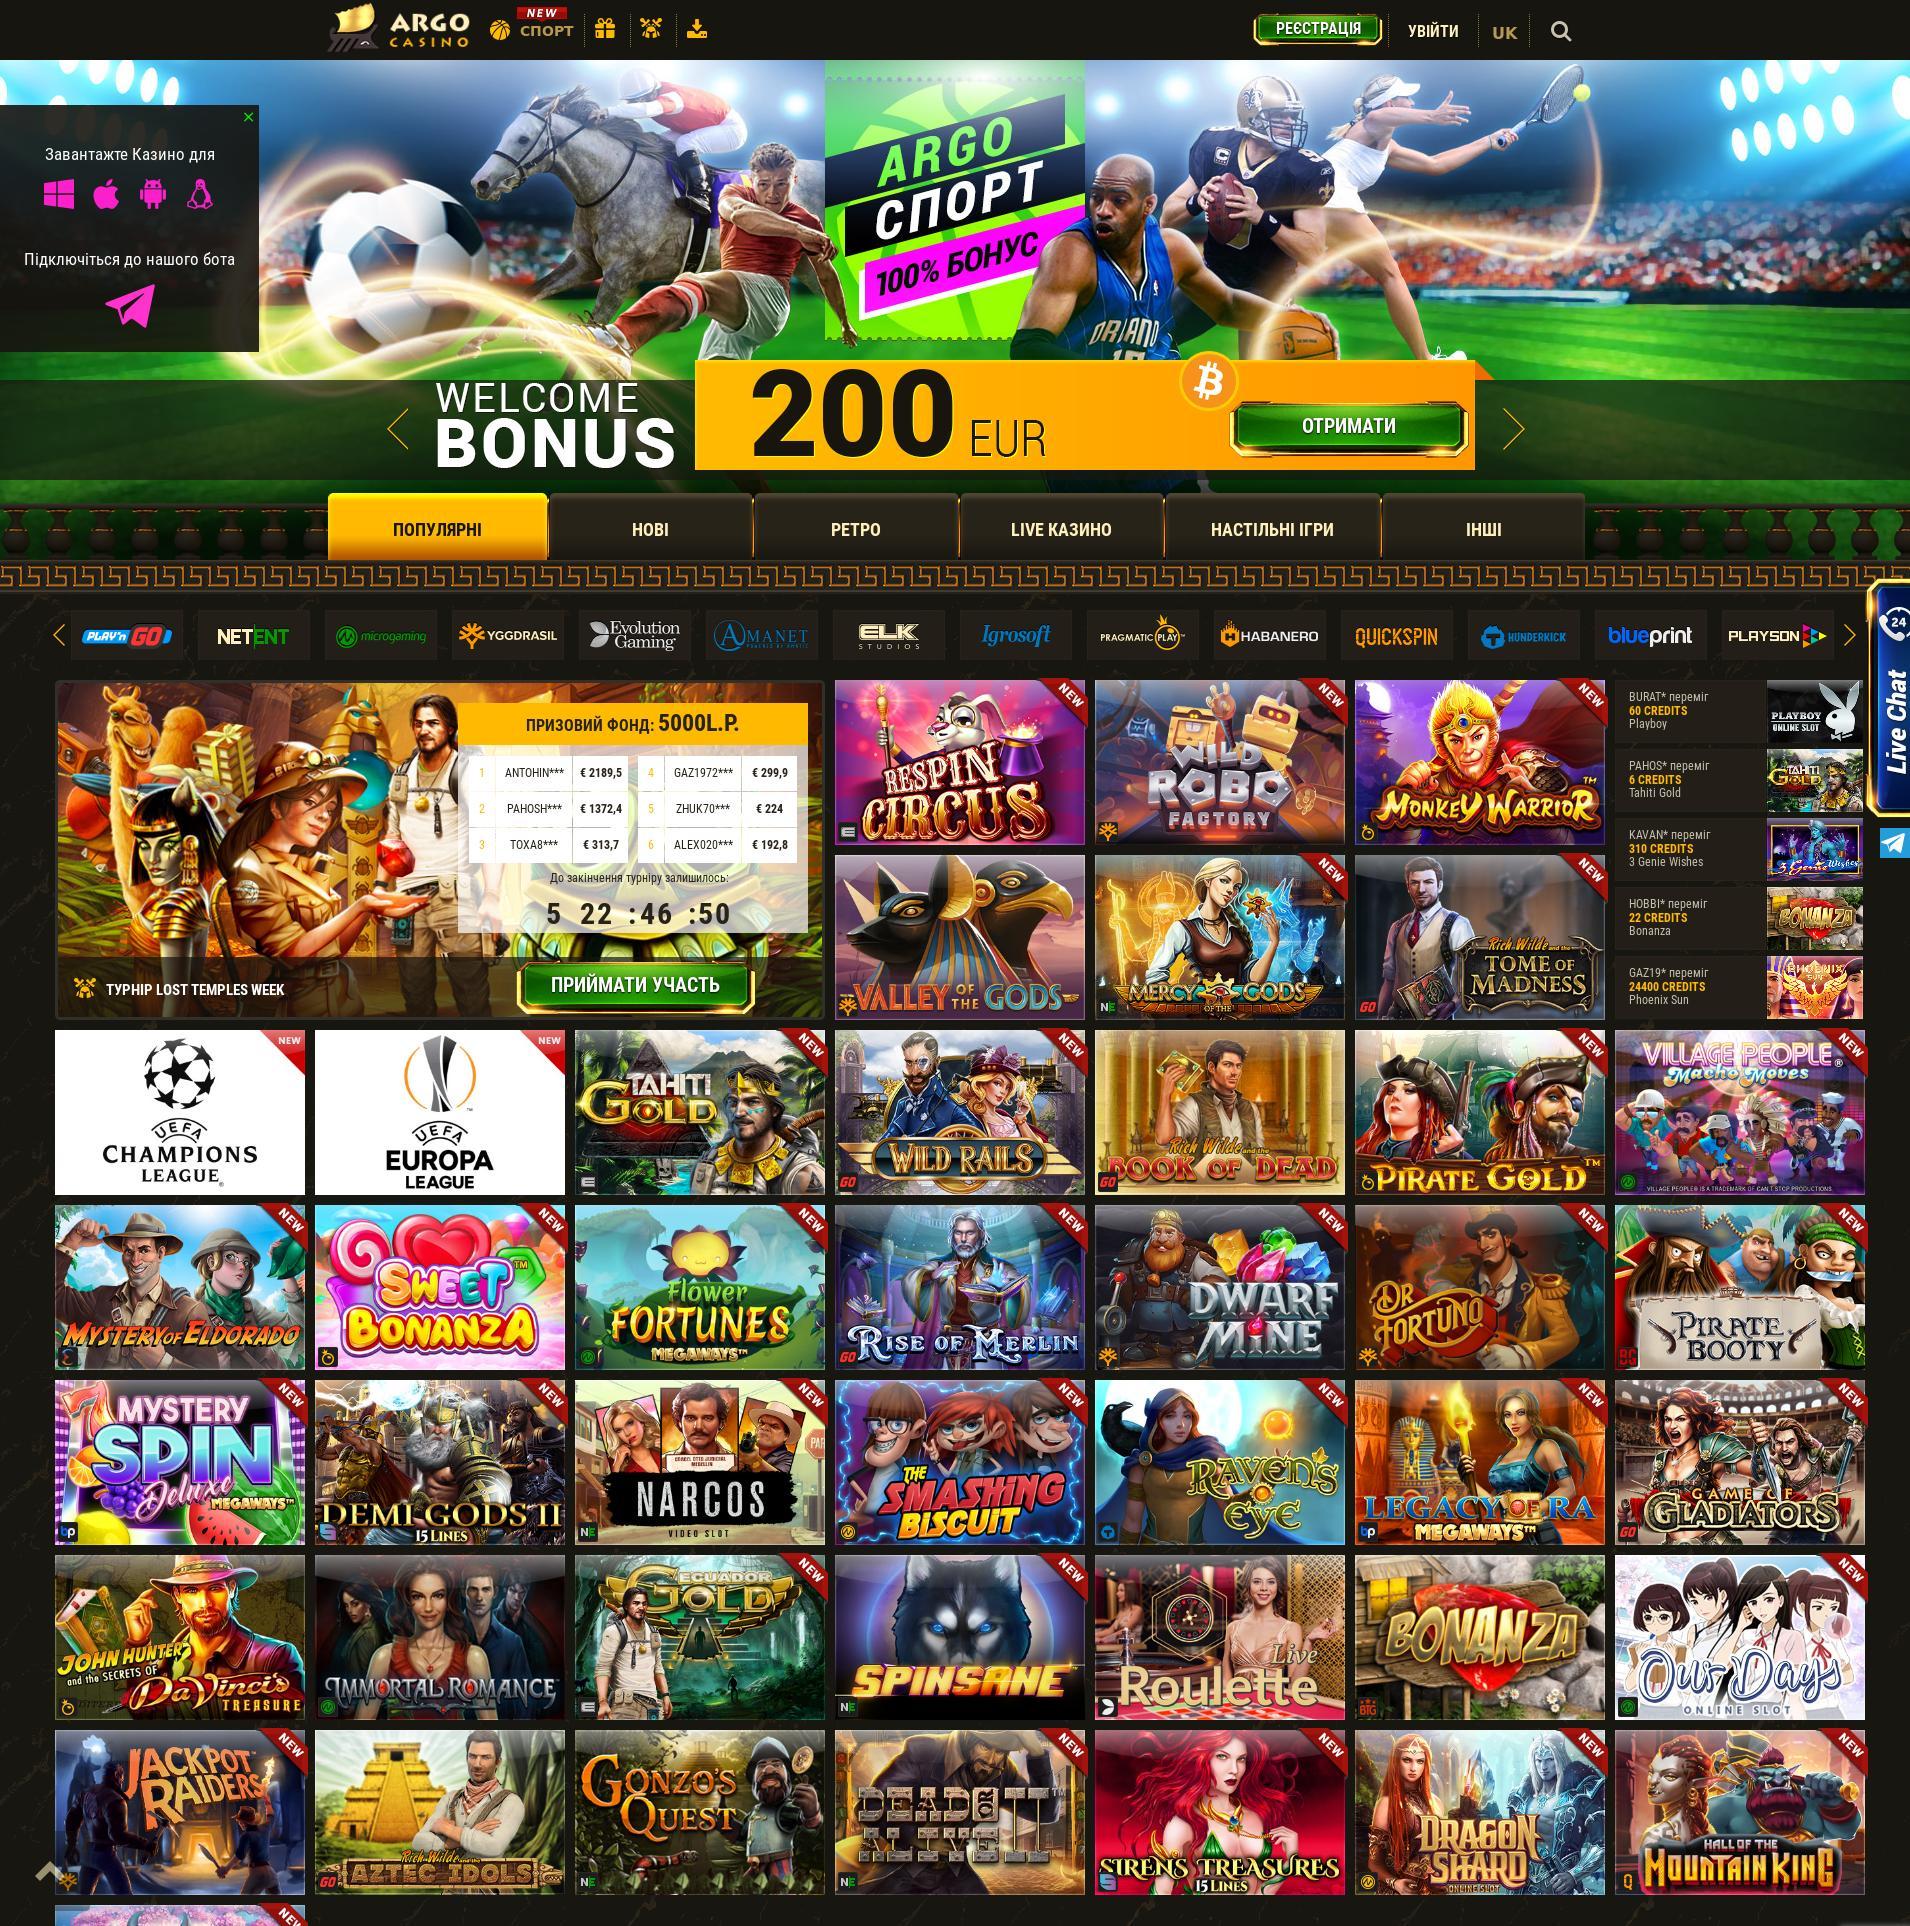 Casino ekranı Lobby 2019-07-23 için Türkiye